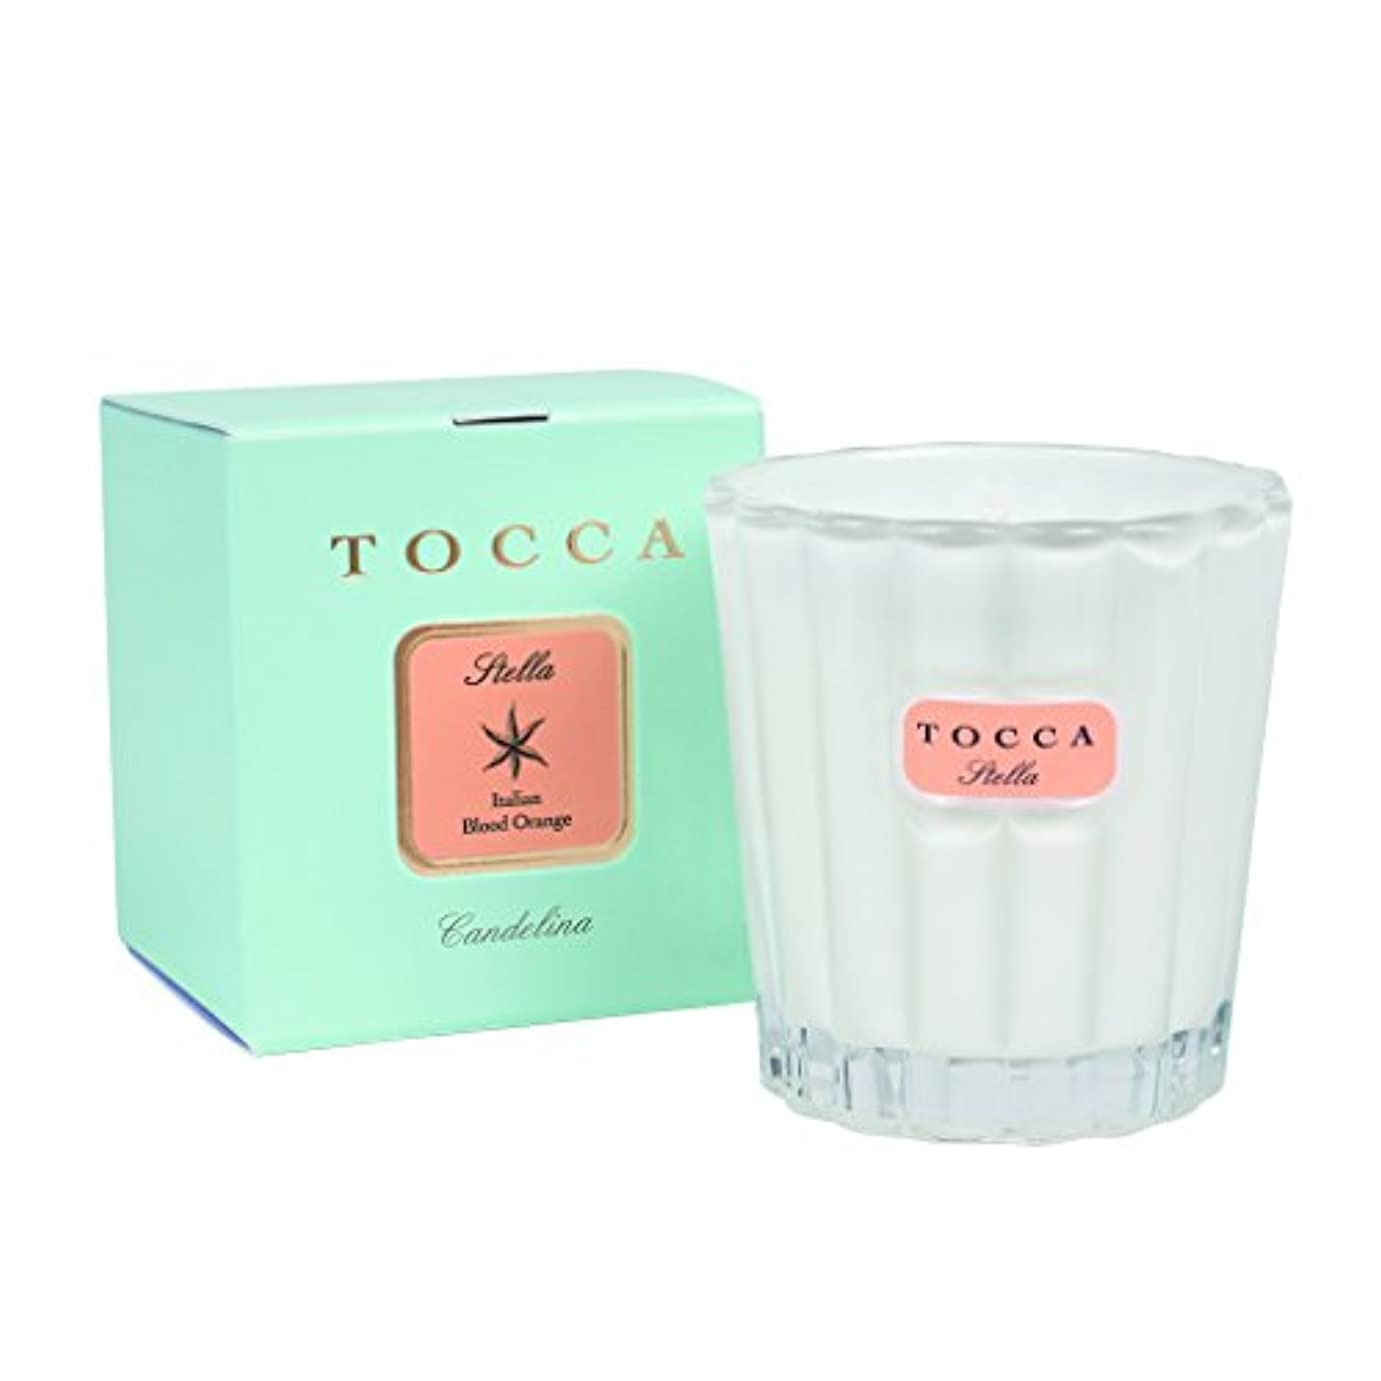 肌メトロポリタン機械的にトッカ(TOCCA) キャンデリーナ ステラ 88g (キャンドル ろうそく シトラス系でありながらほんのり甘く苦味を感じることのないさわやかな香り)